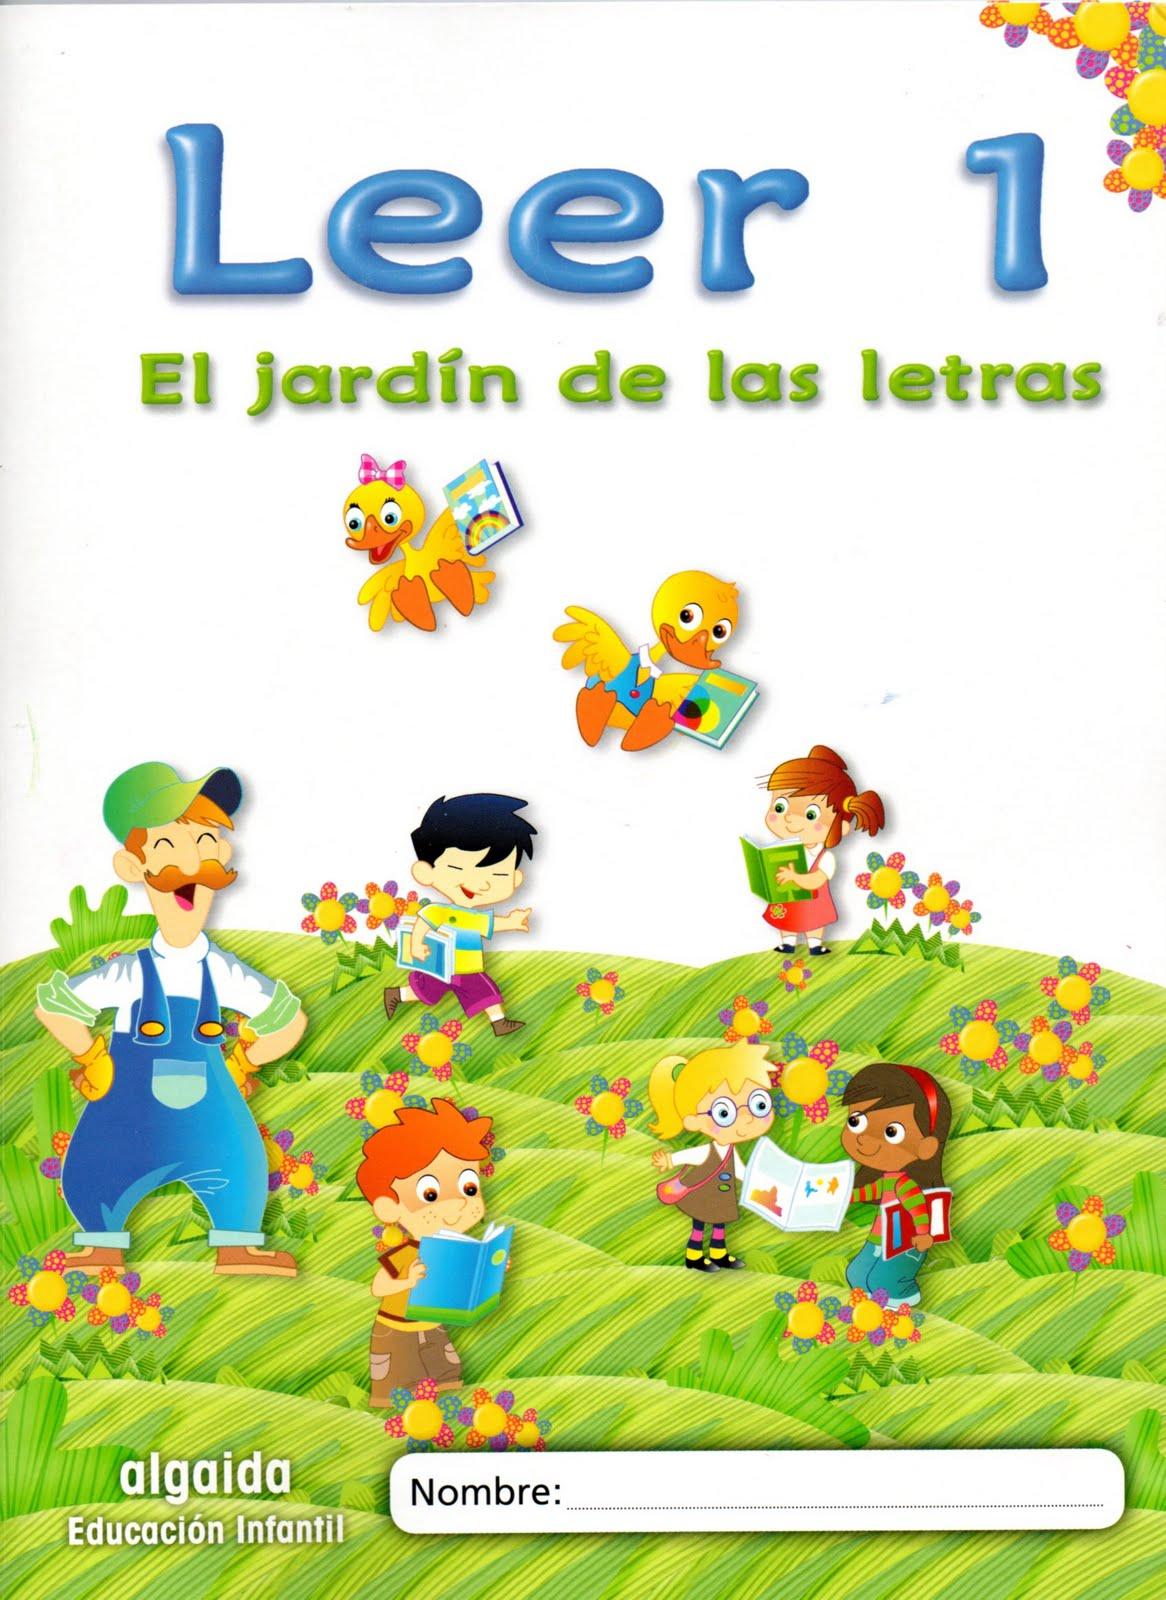 Mis cosillas de educaci n infantil el jard n de las for El jardin de las letras